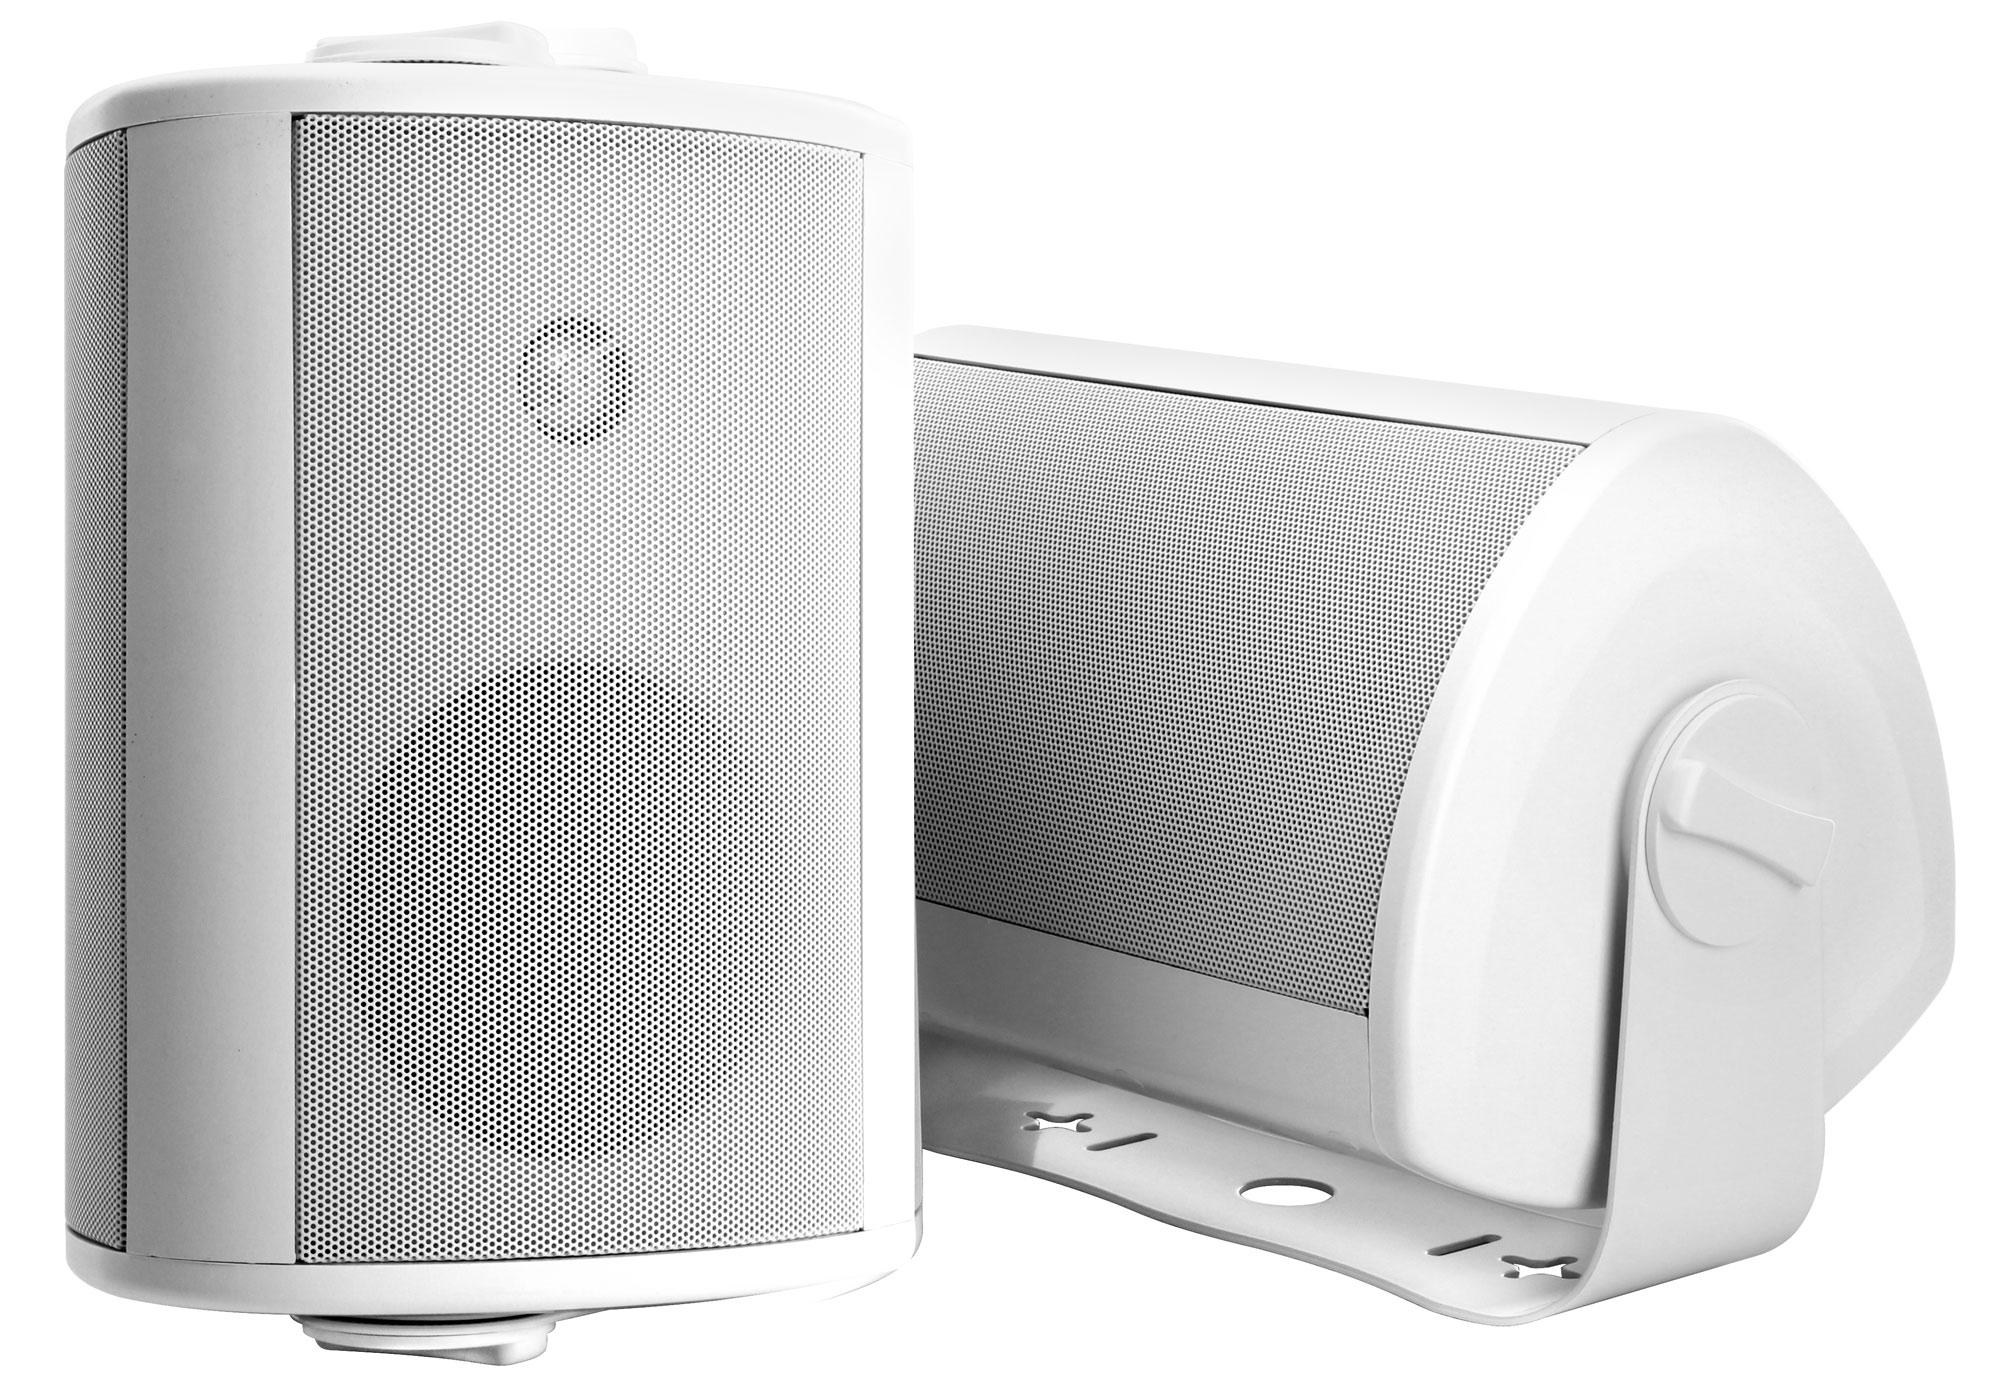 paar pronomic ols 10 wh outdoor lautsprecher wei 2x 120 watt. Black Bedroom Furniture Sets. Home Design Ideas